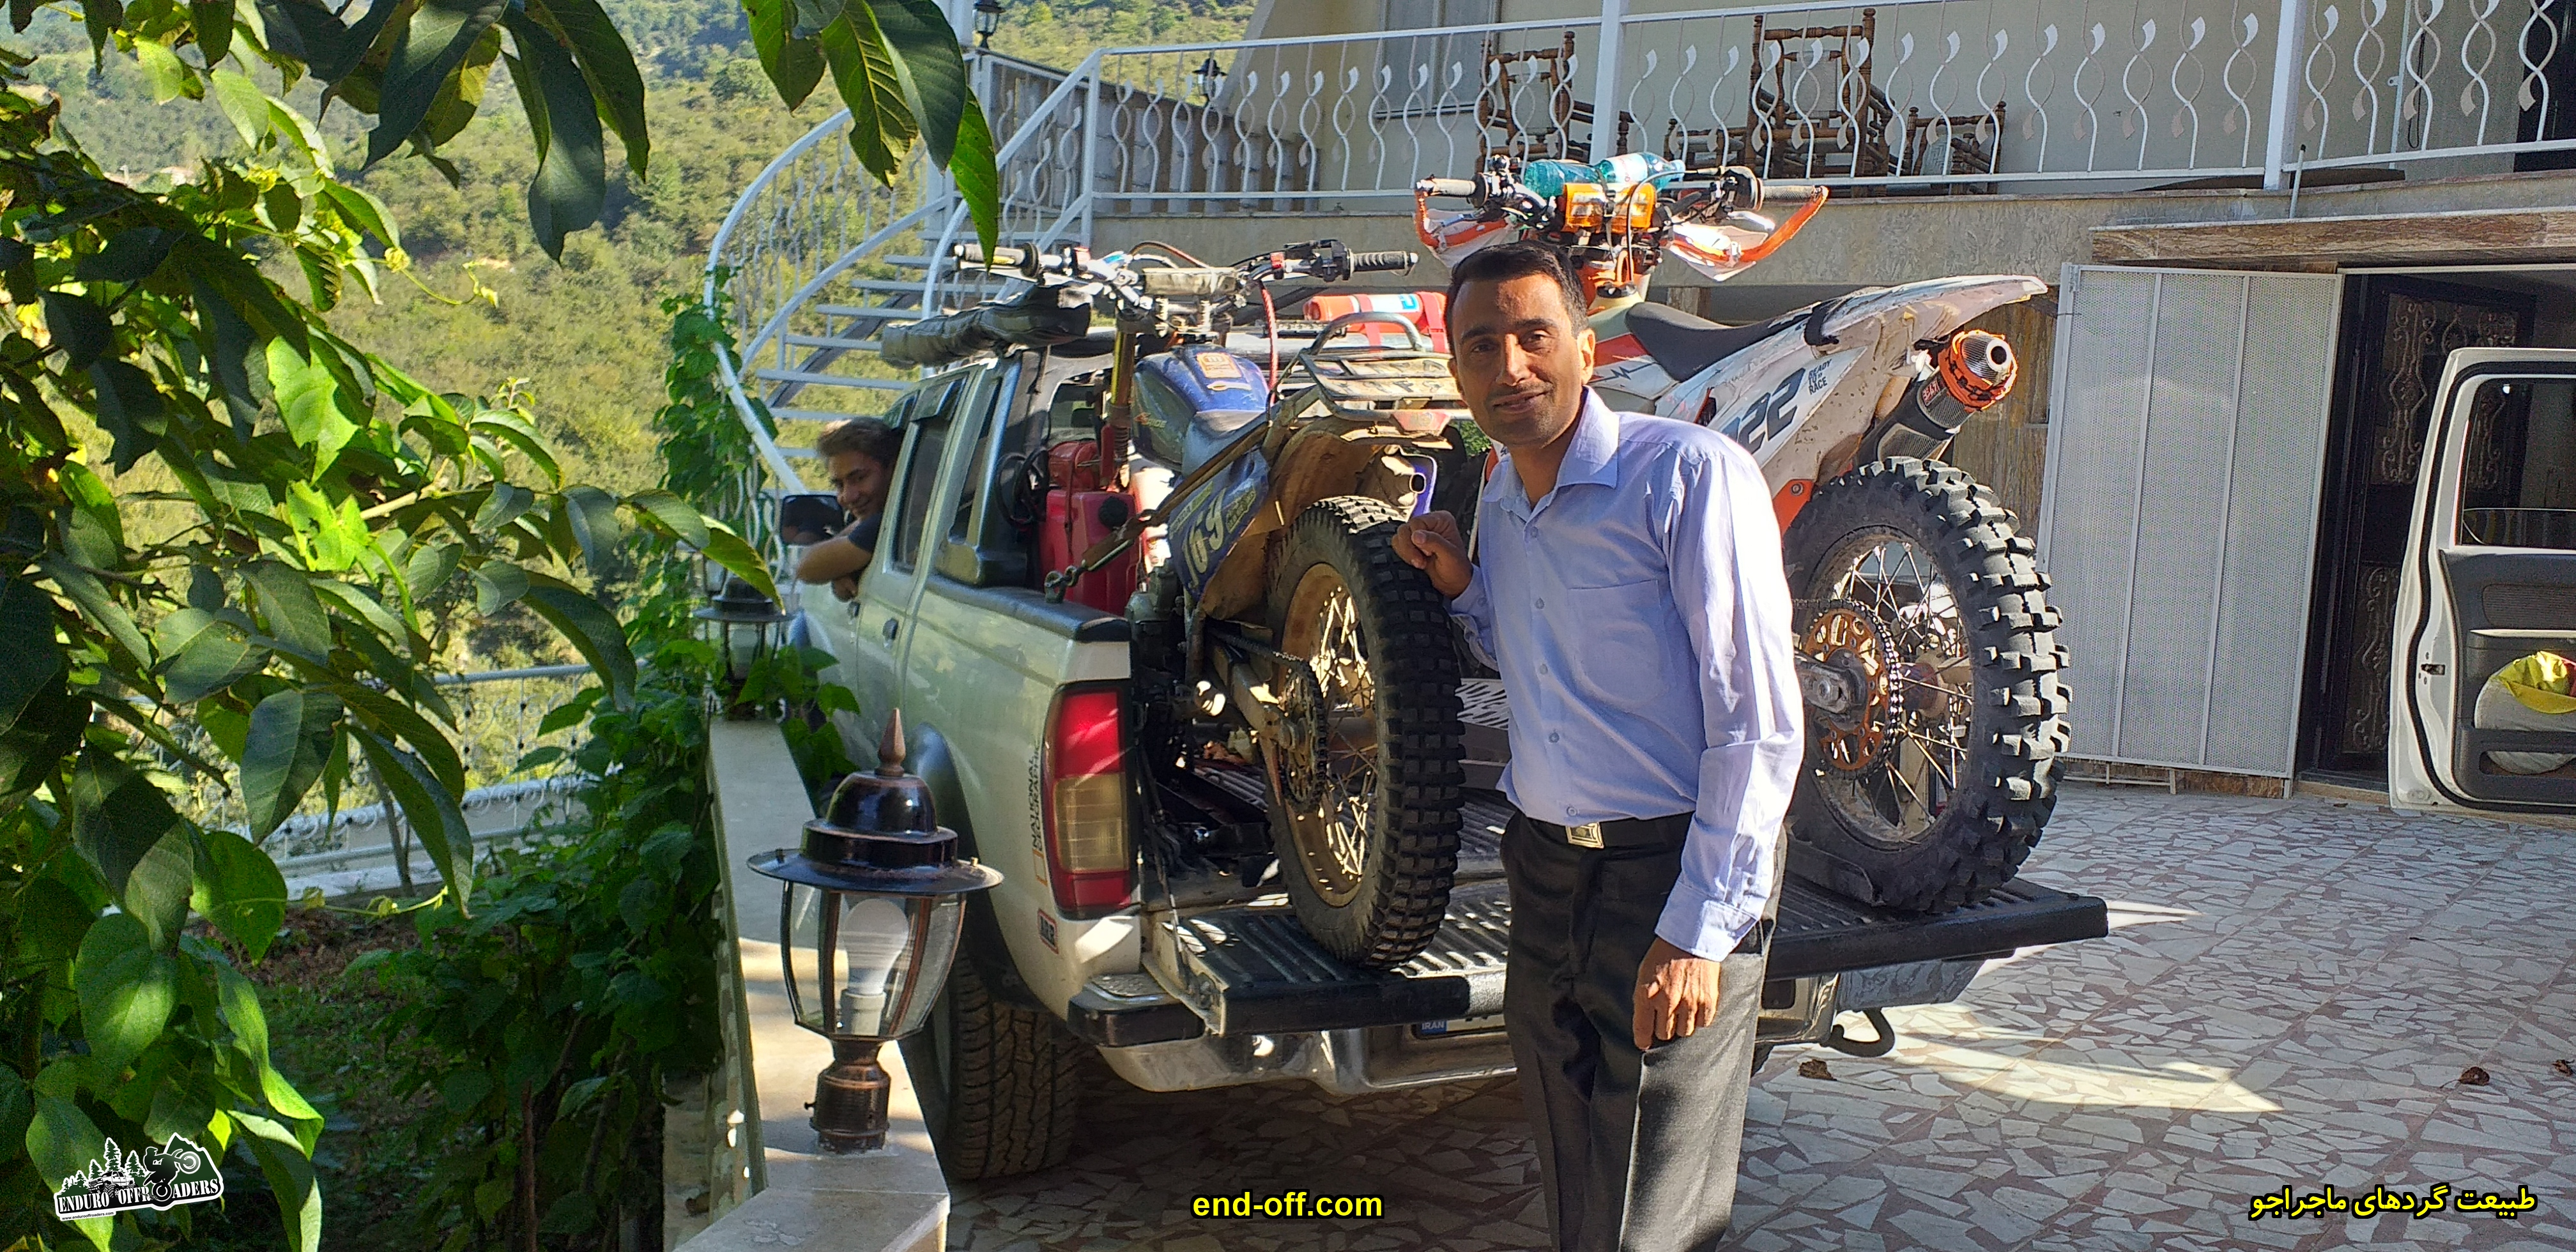 روستای سنگ چال - فیلبند به الیمستان - تابستان 1399 - 2020